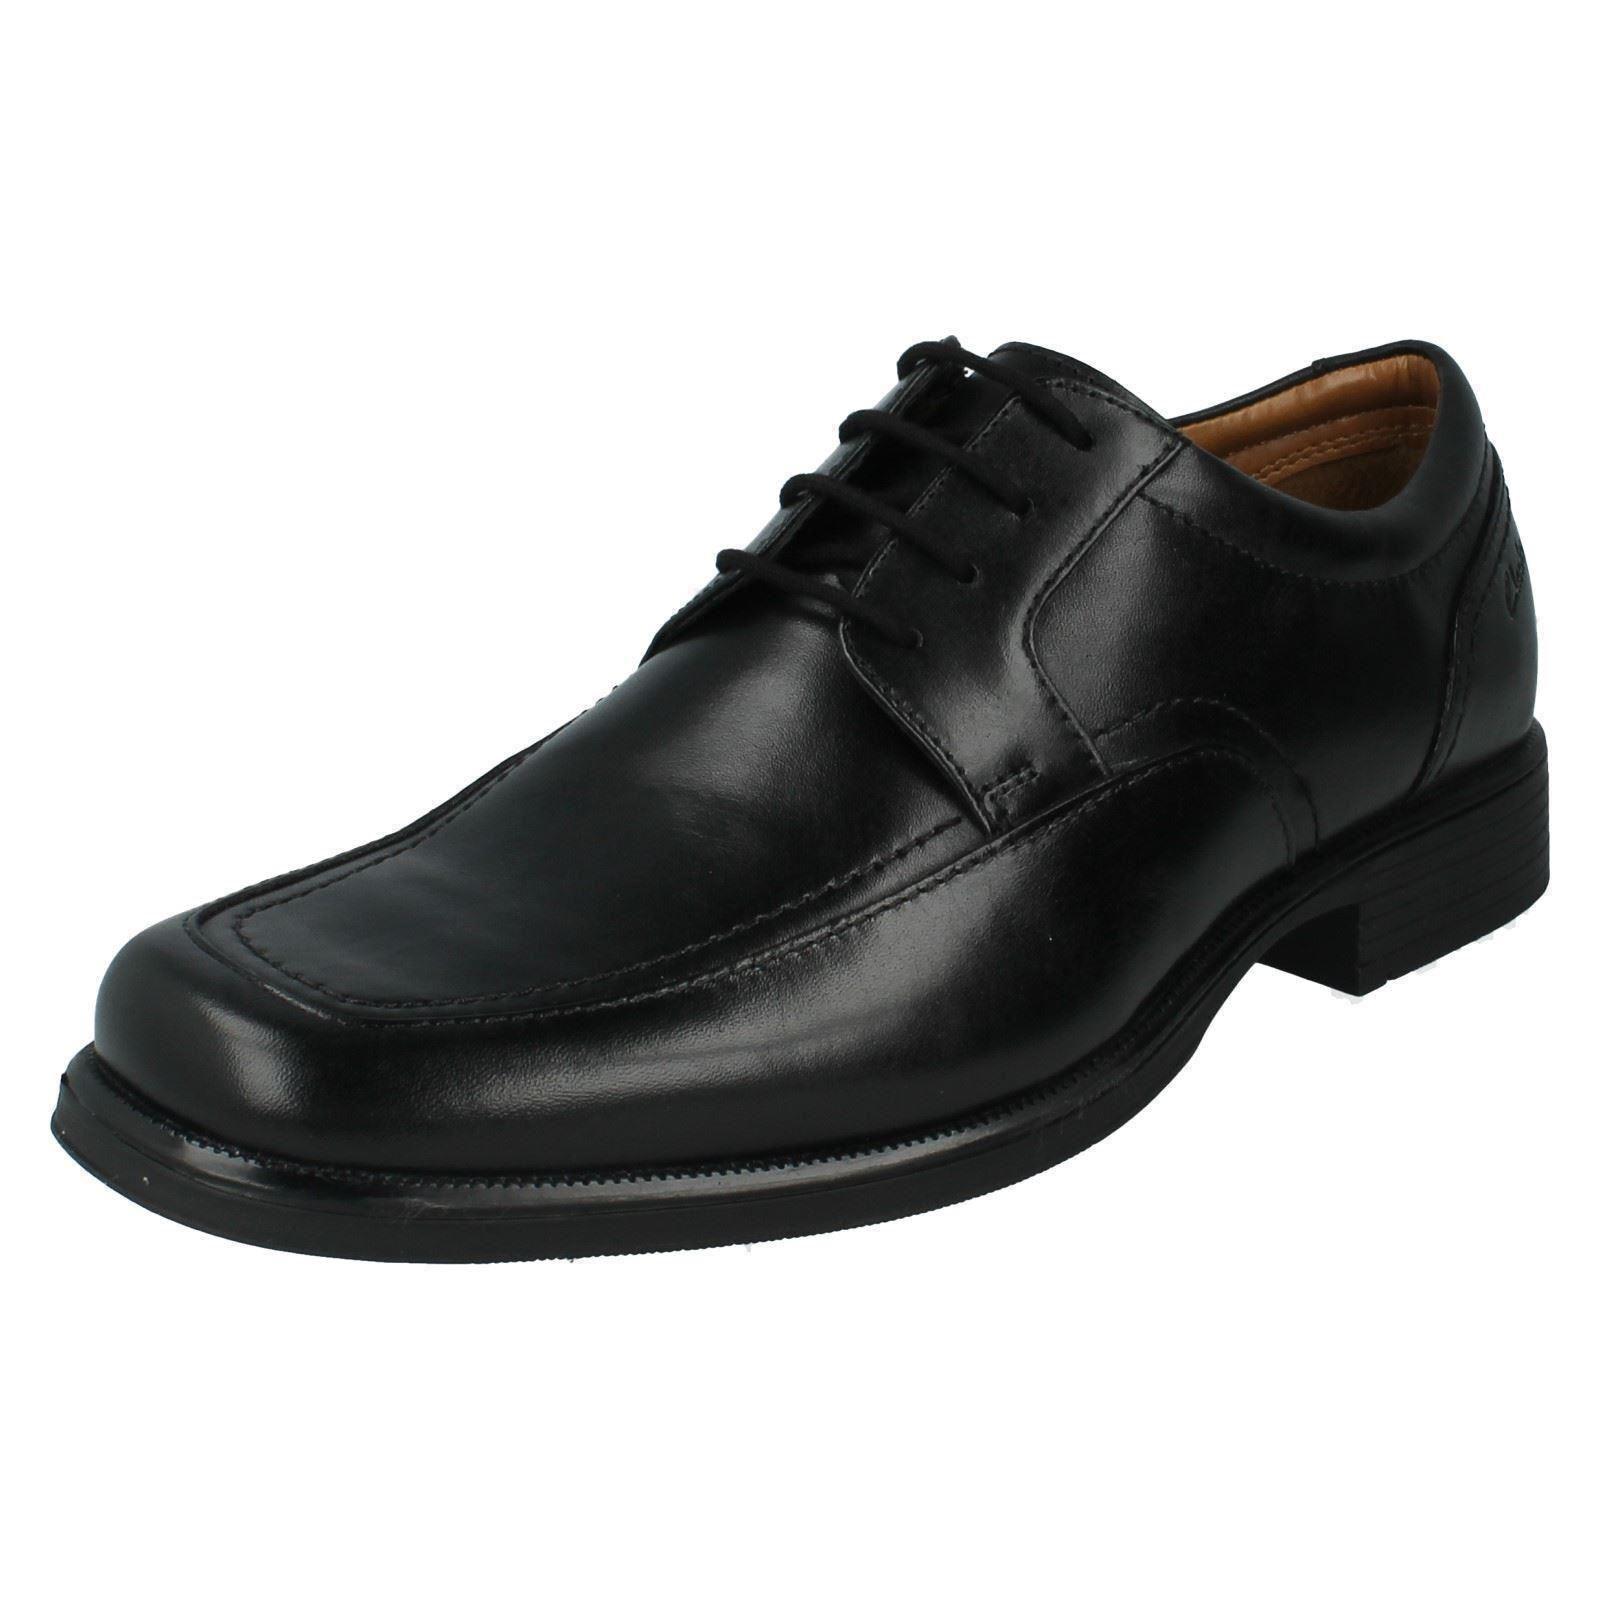 Venta Clarks Hombre Huckley Primavera Primavera Primavera Negro Cuero acordonados formal Zapatos De Montaje G f2de2b